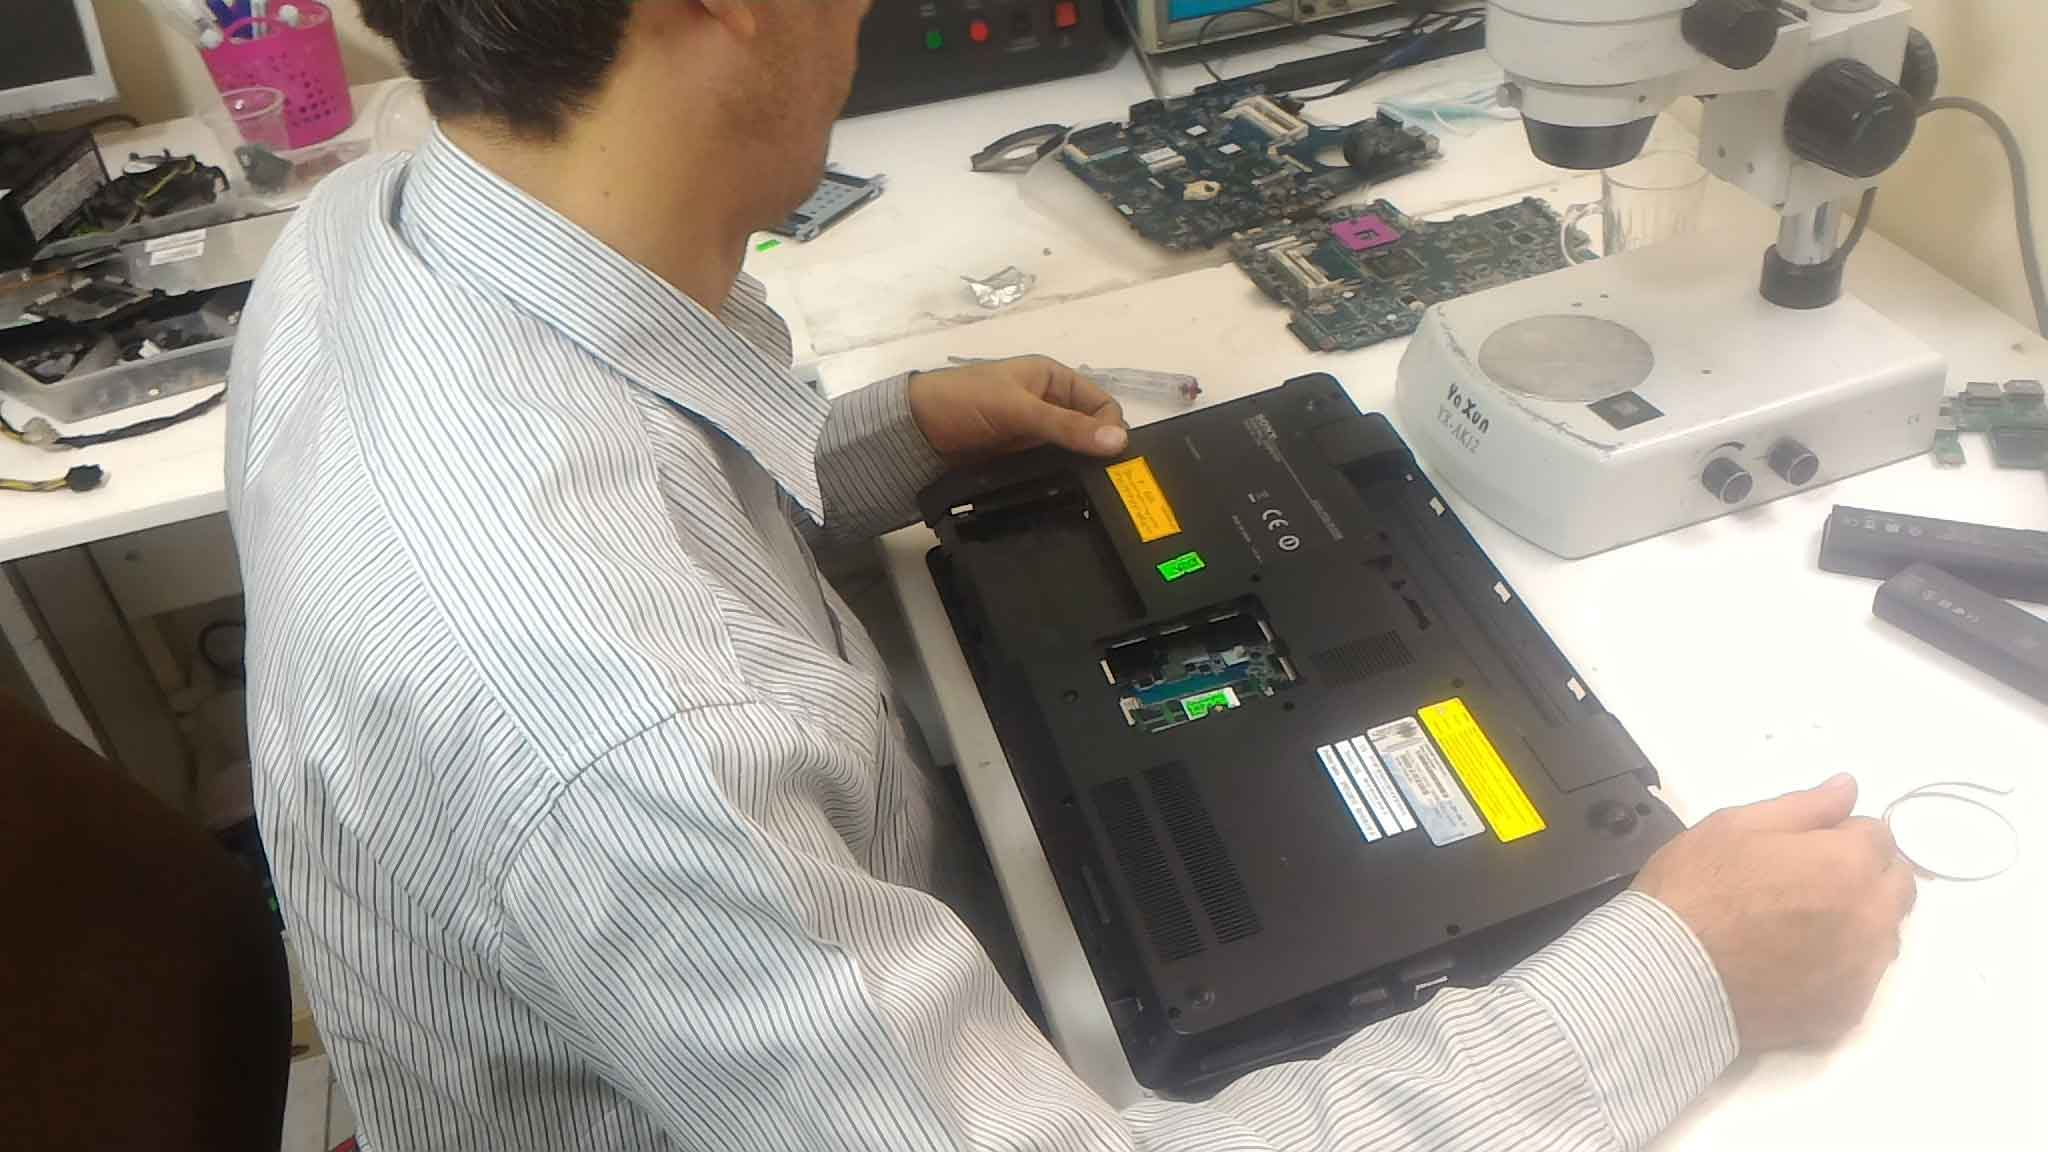 تعمیر لپ تاپ dell - دو